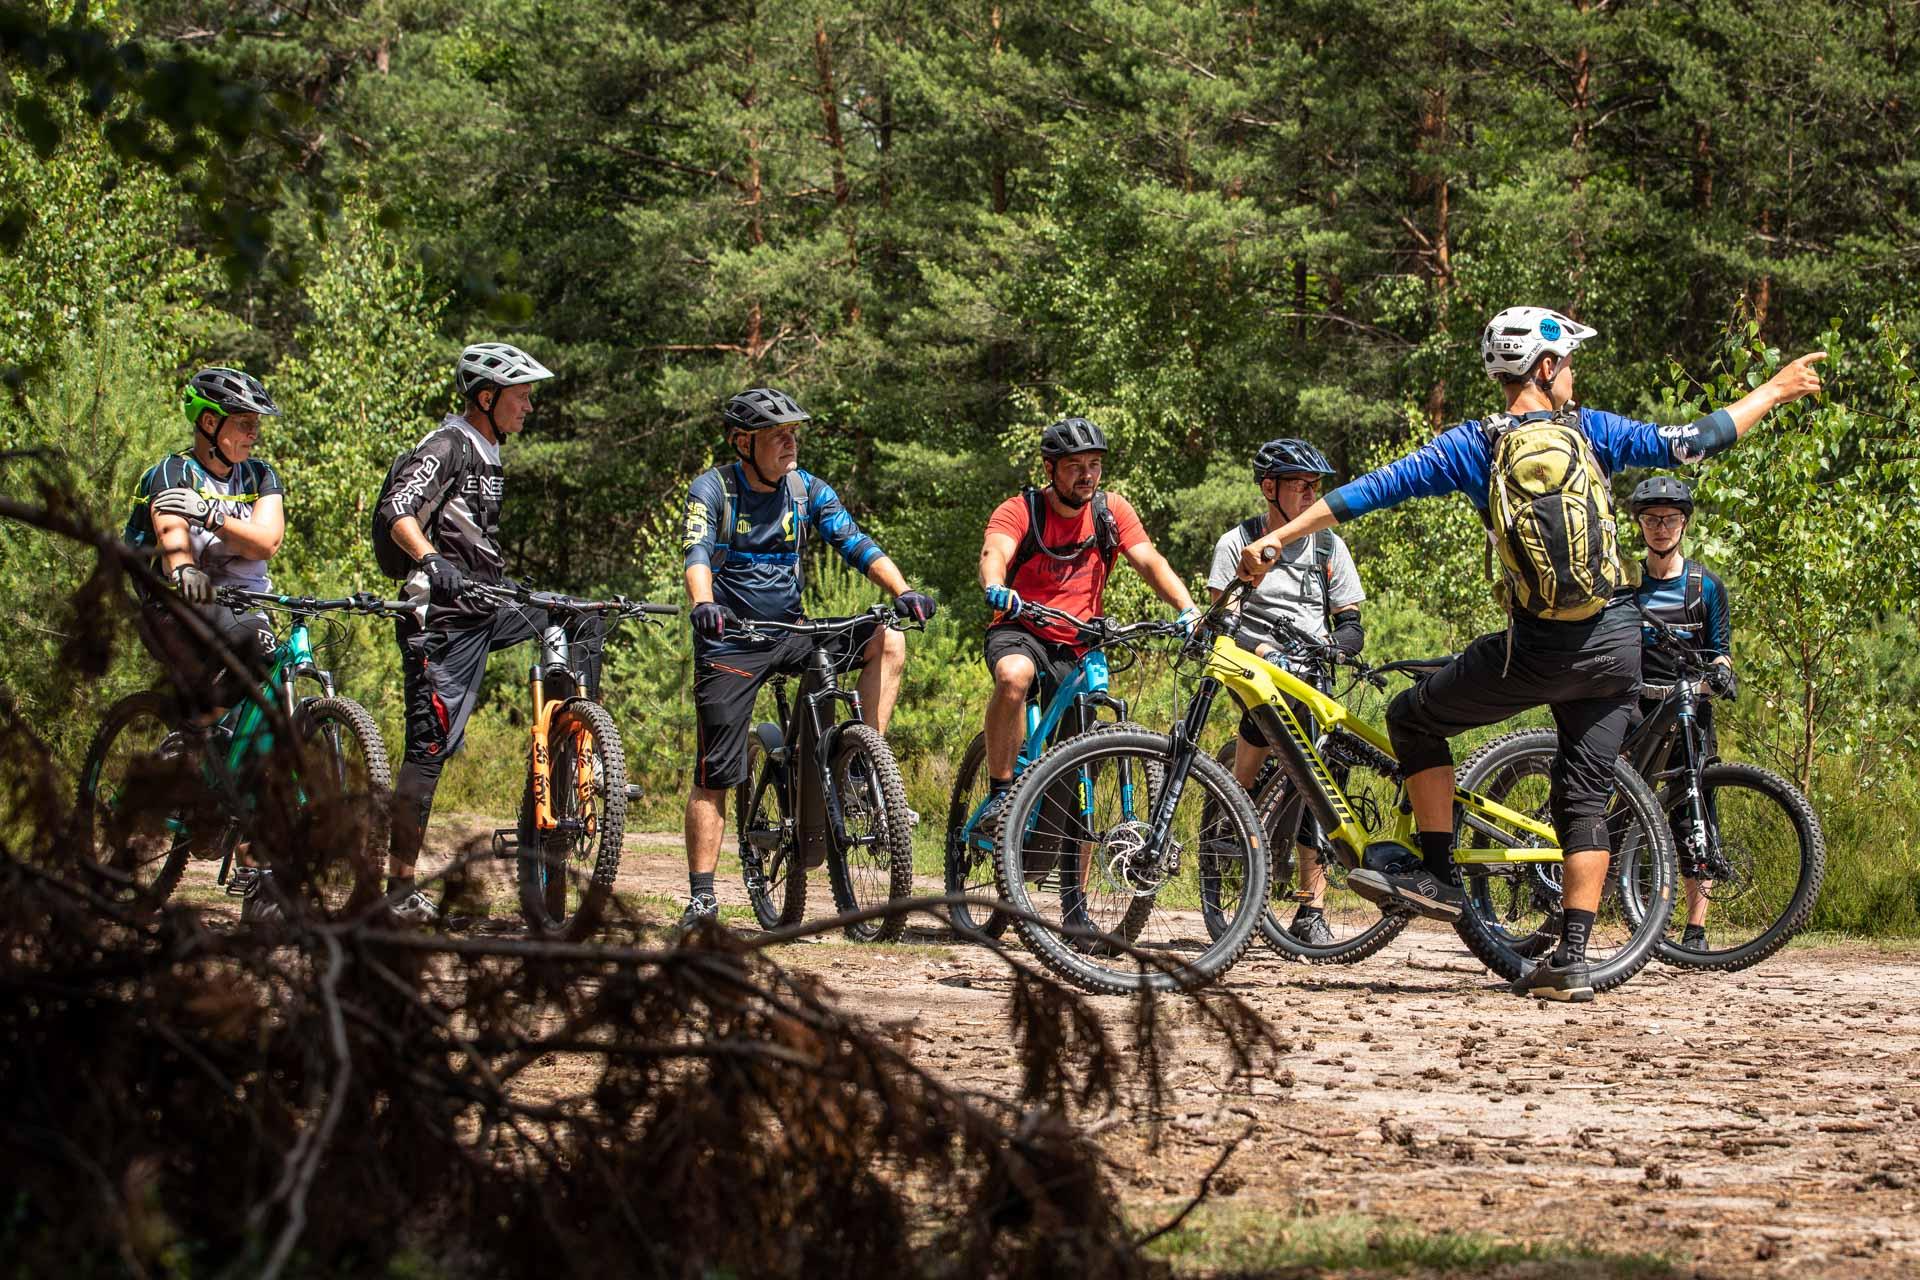 eBike Test Erlebnis eMountainbike fahren probieren Gummersbach NRW Trainer eMTB testen Rock my Trail Bikeschule